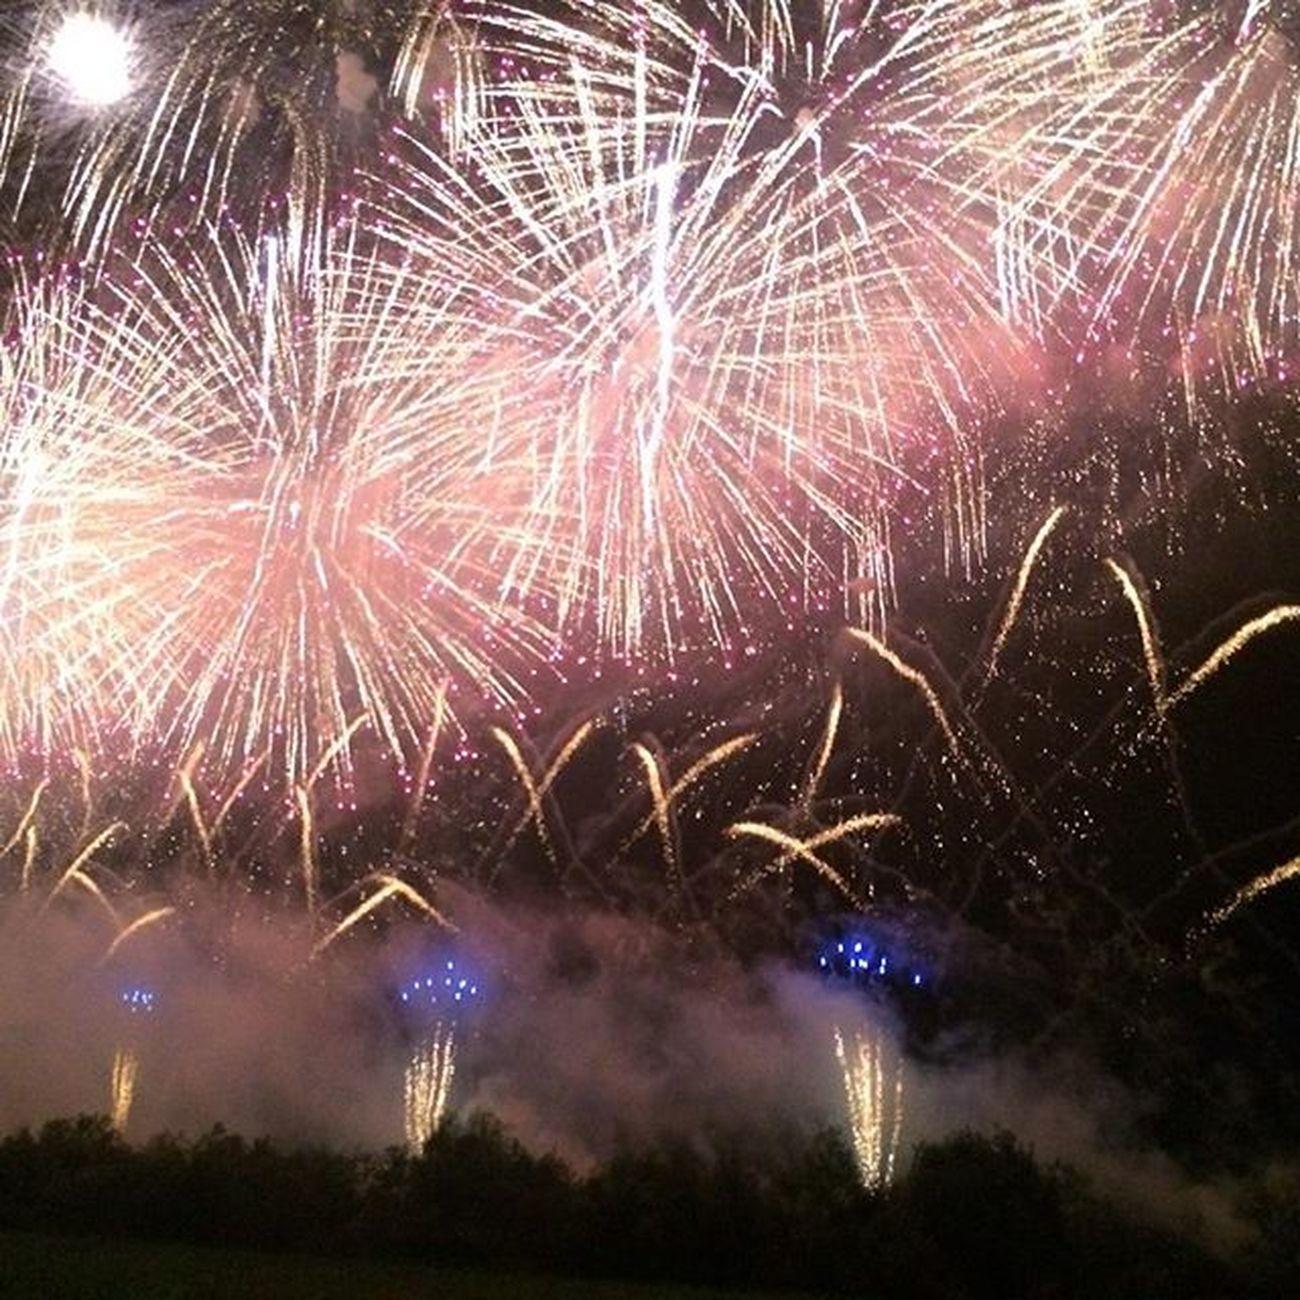 山形県の赤川花火大会❗ 花火を見て感動したの初めて❗ 最高の夏の思い出になりました。 赤川花火大会 山形県 花火大会 感動